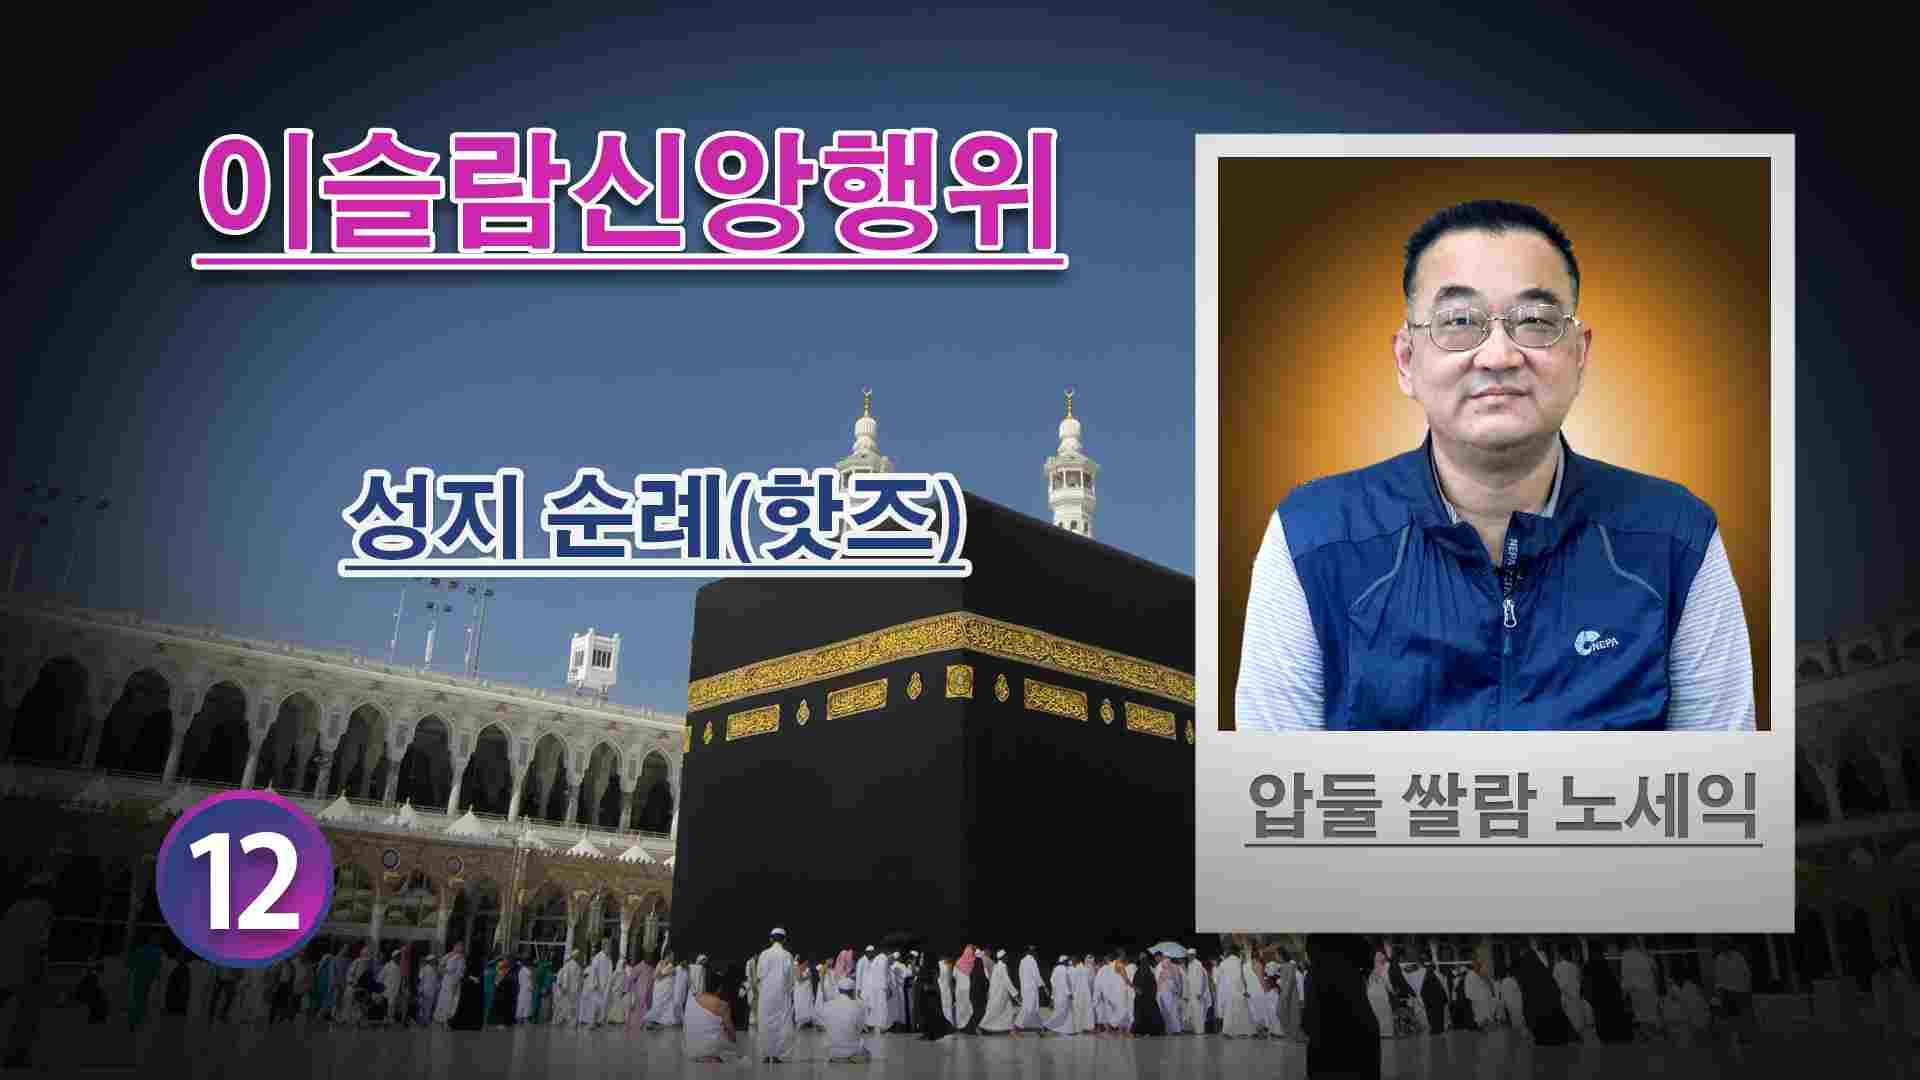 성지 순례(핫즈) - 이슬람신앙행위 - (12) - 압둘 쌀람 노세익